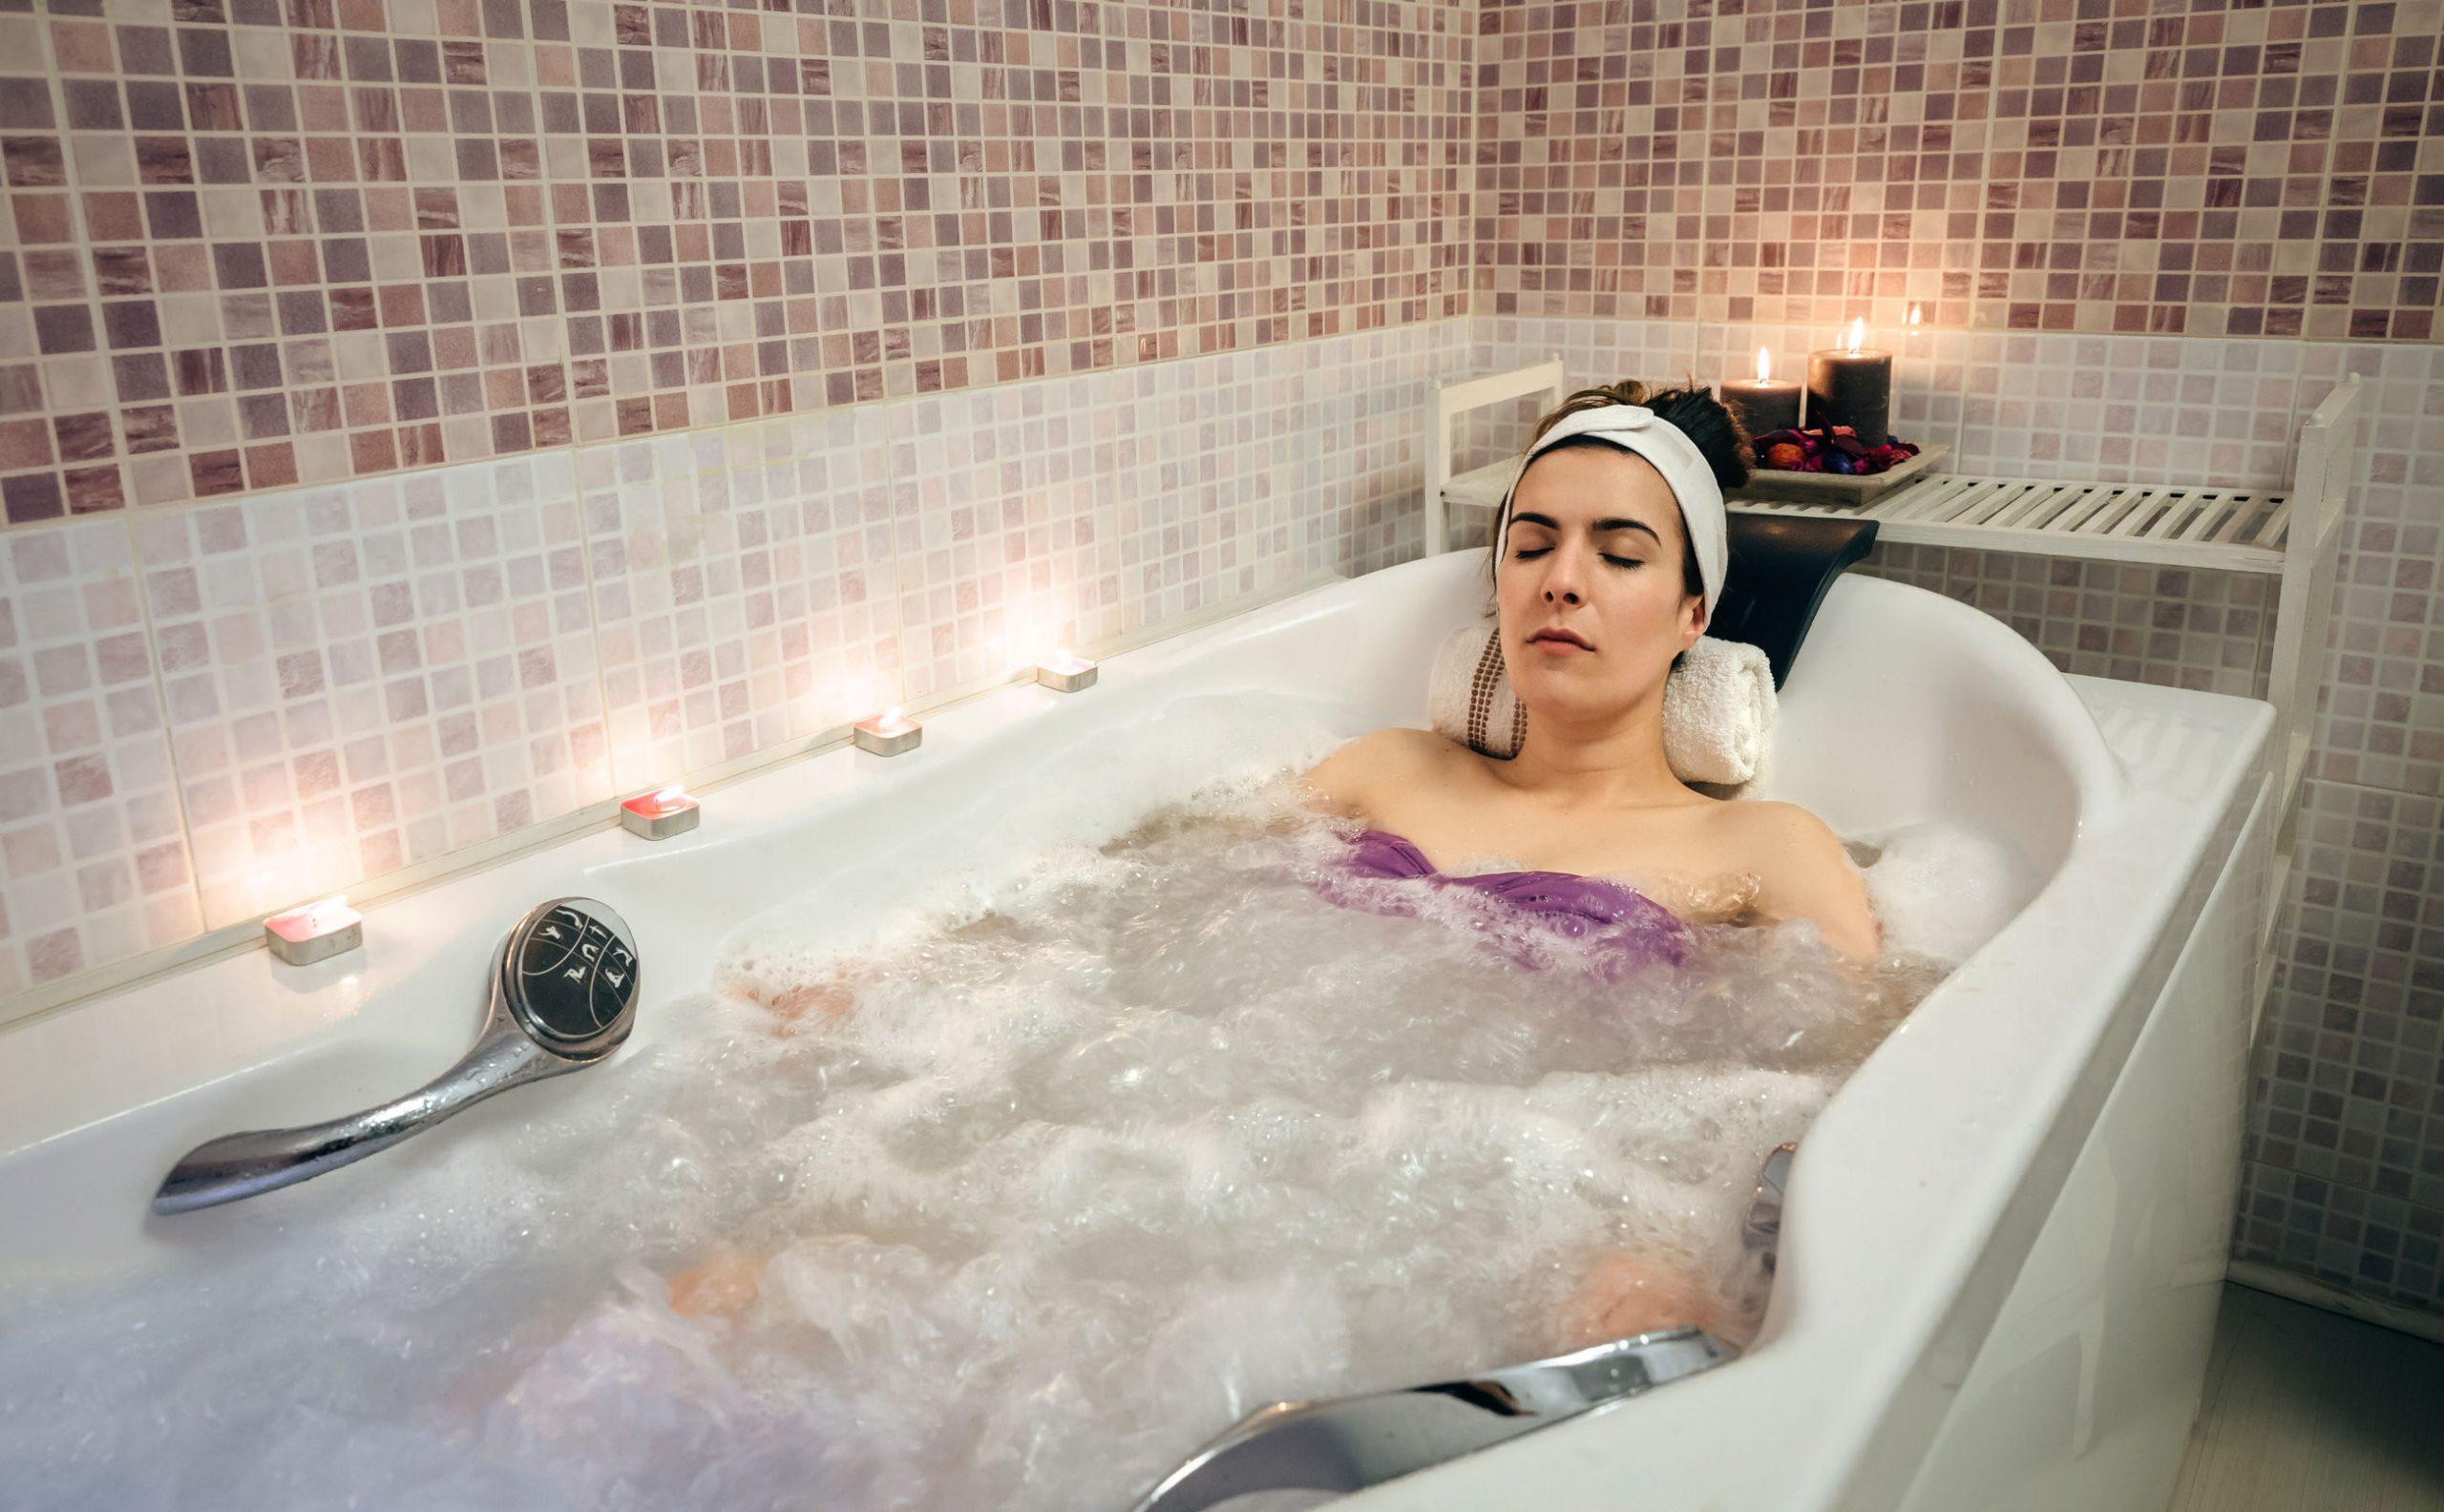 Mujer acostada en la bañera haciendo tratamiento de hidroterapia